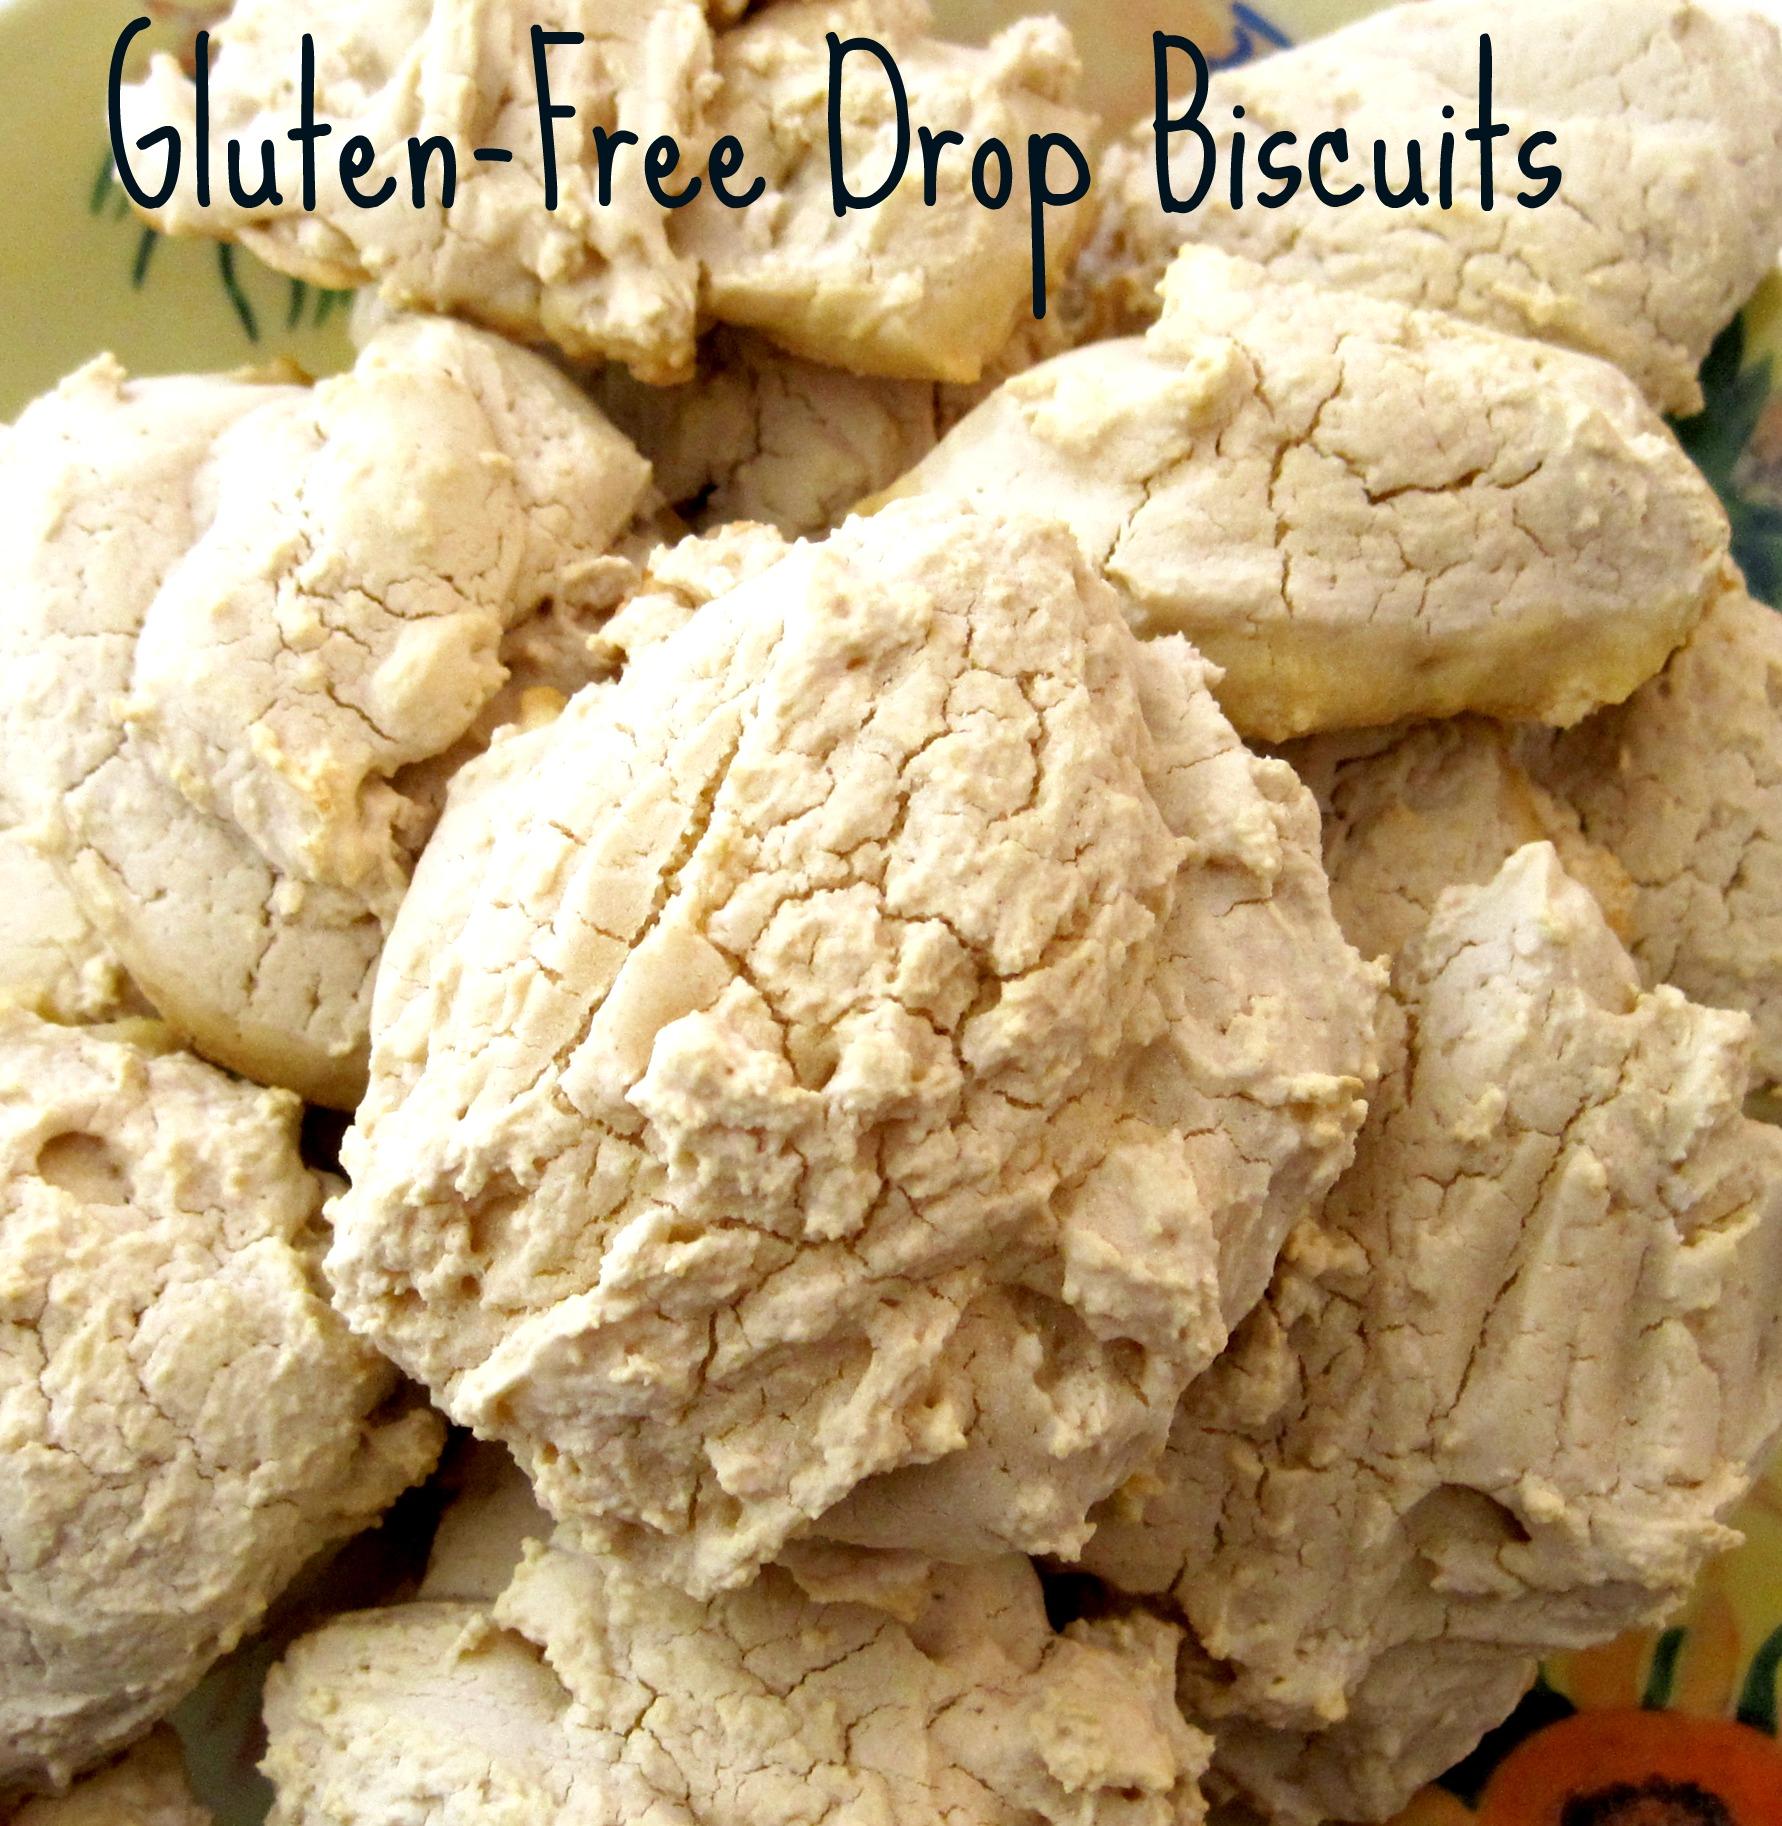 glutenfree drop biscuits